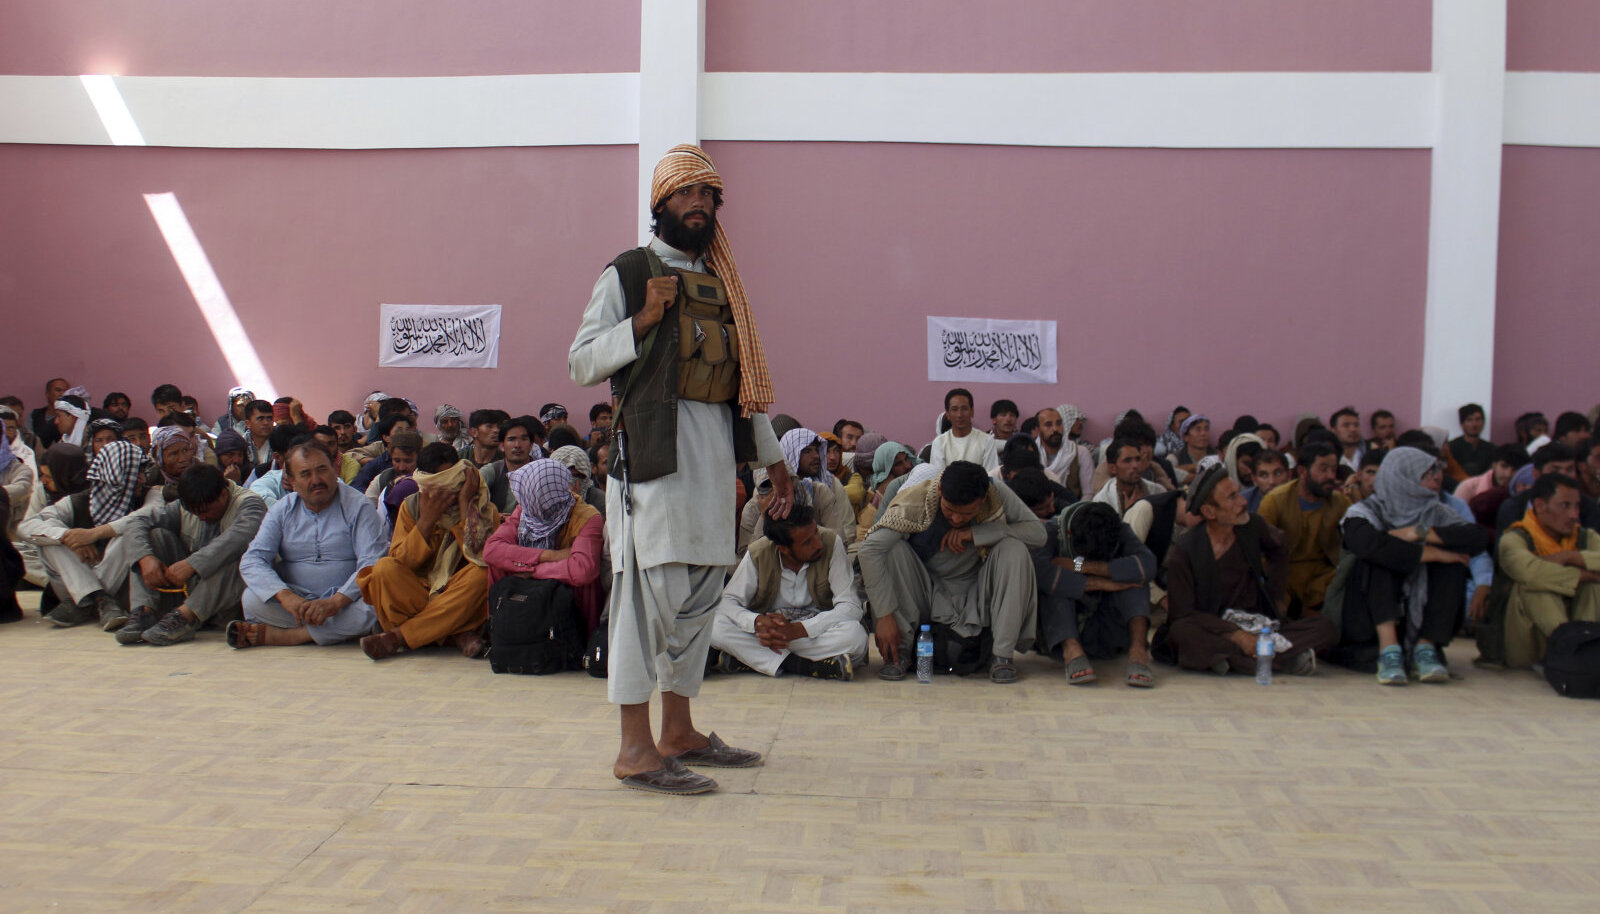 Talibani võitleja vangi langenud valitsusvägede meestega eile Kabulist loodesse jäävas Ghaznīs.